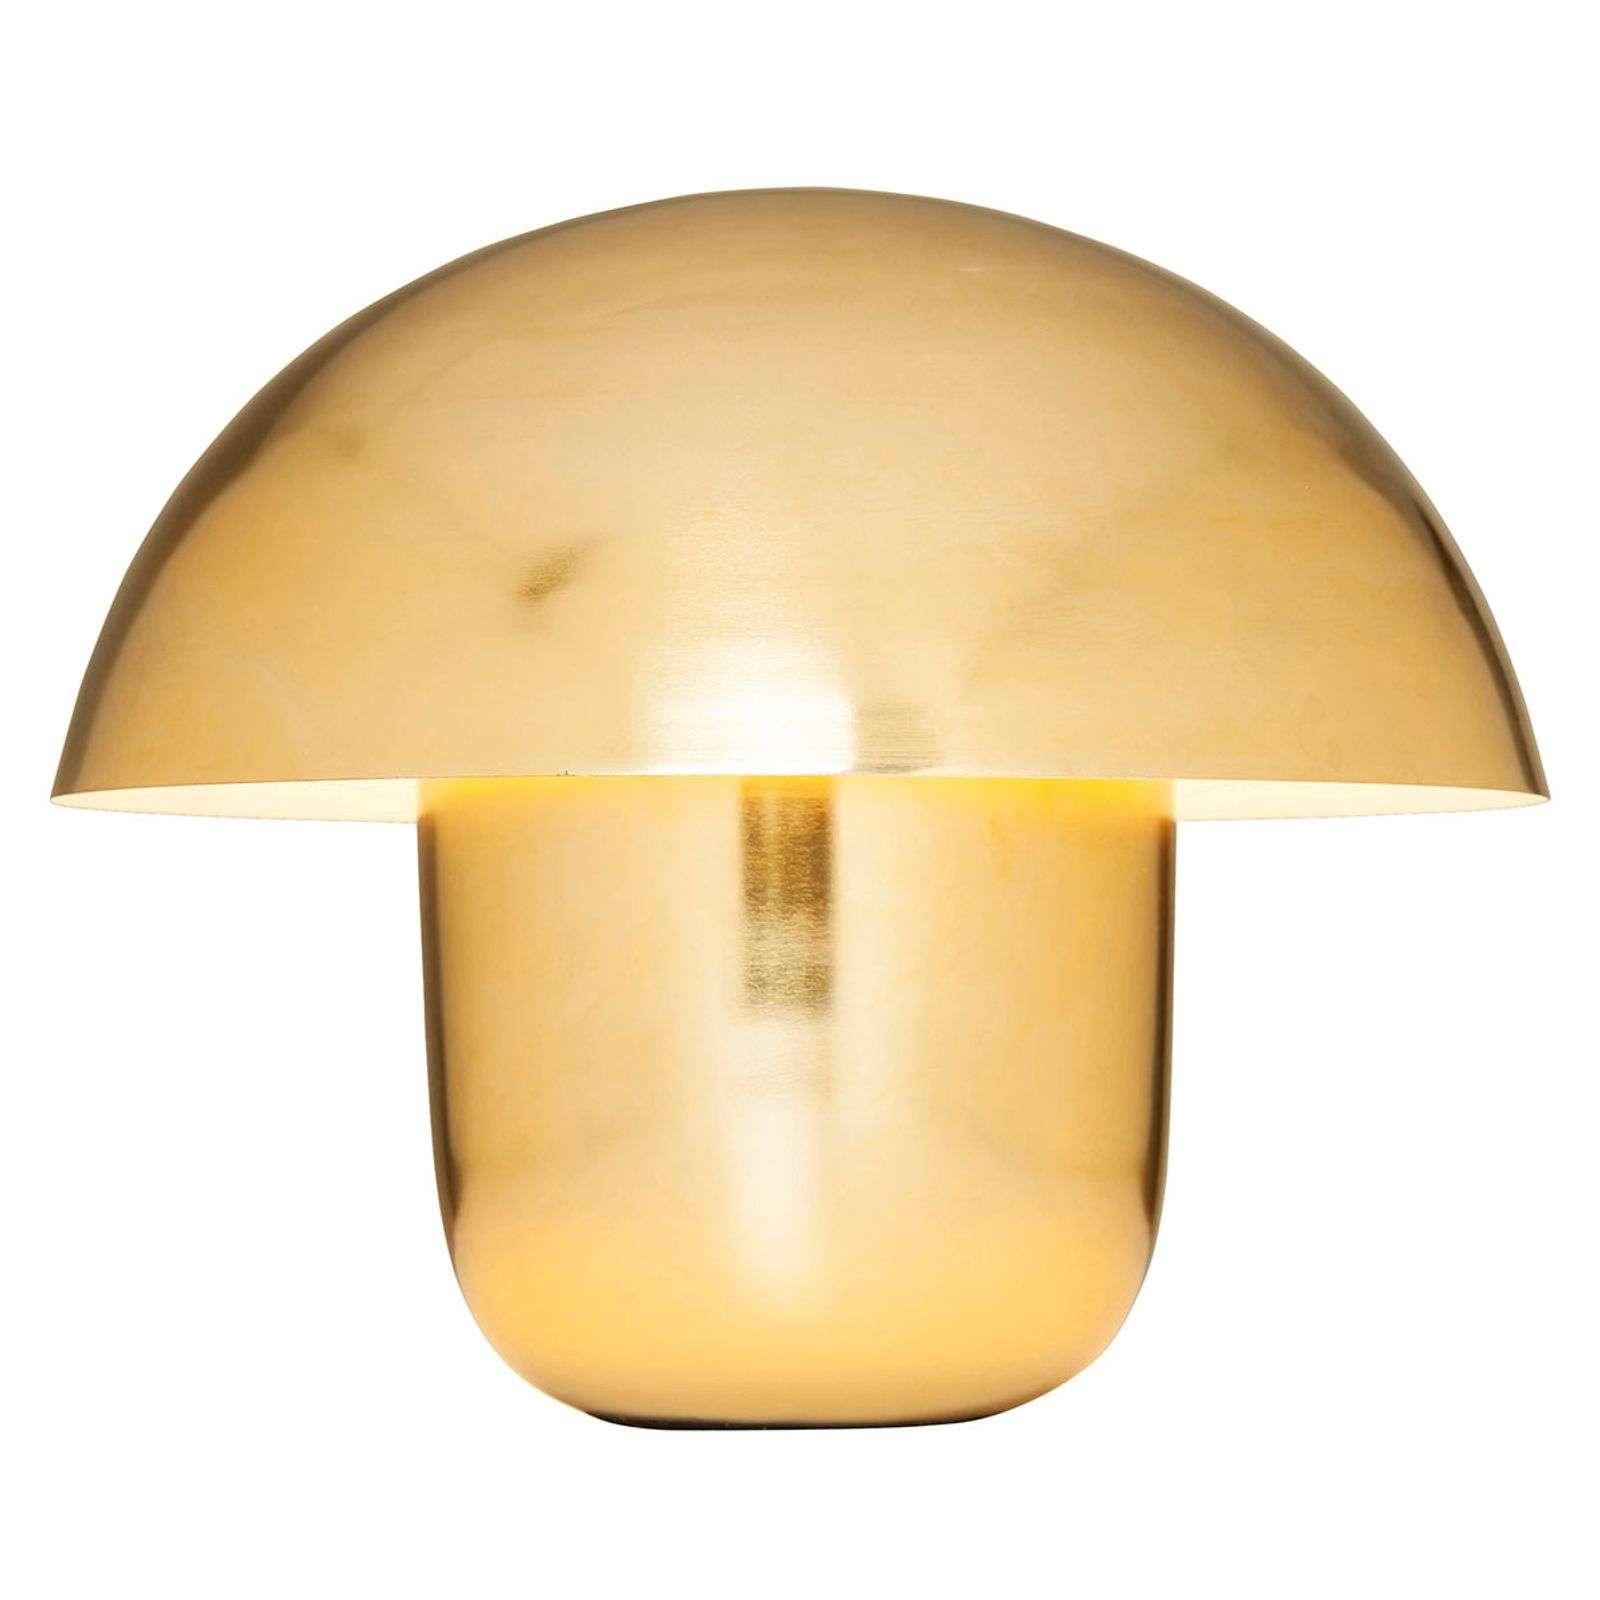 KARE Mushroom - Tischlampe in Pilzform, gold